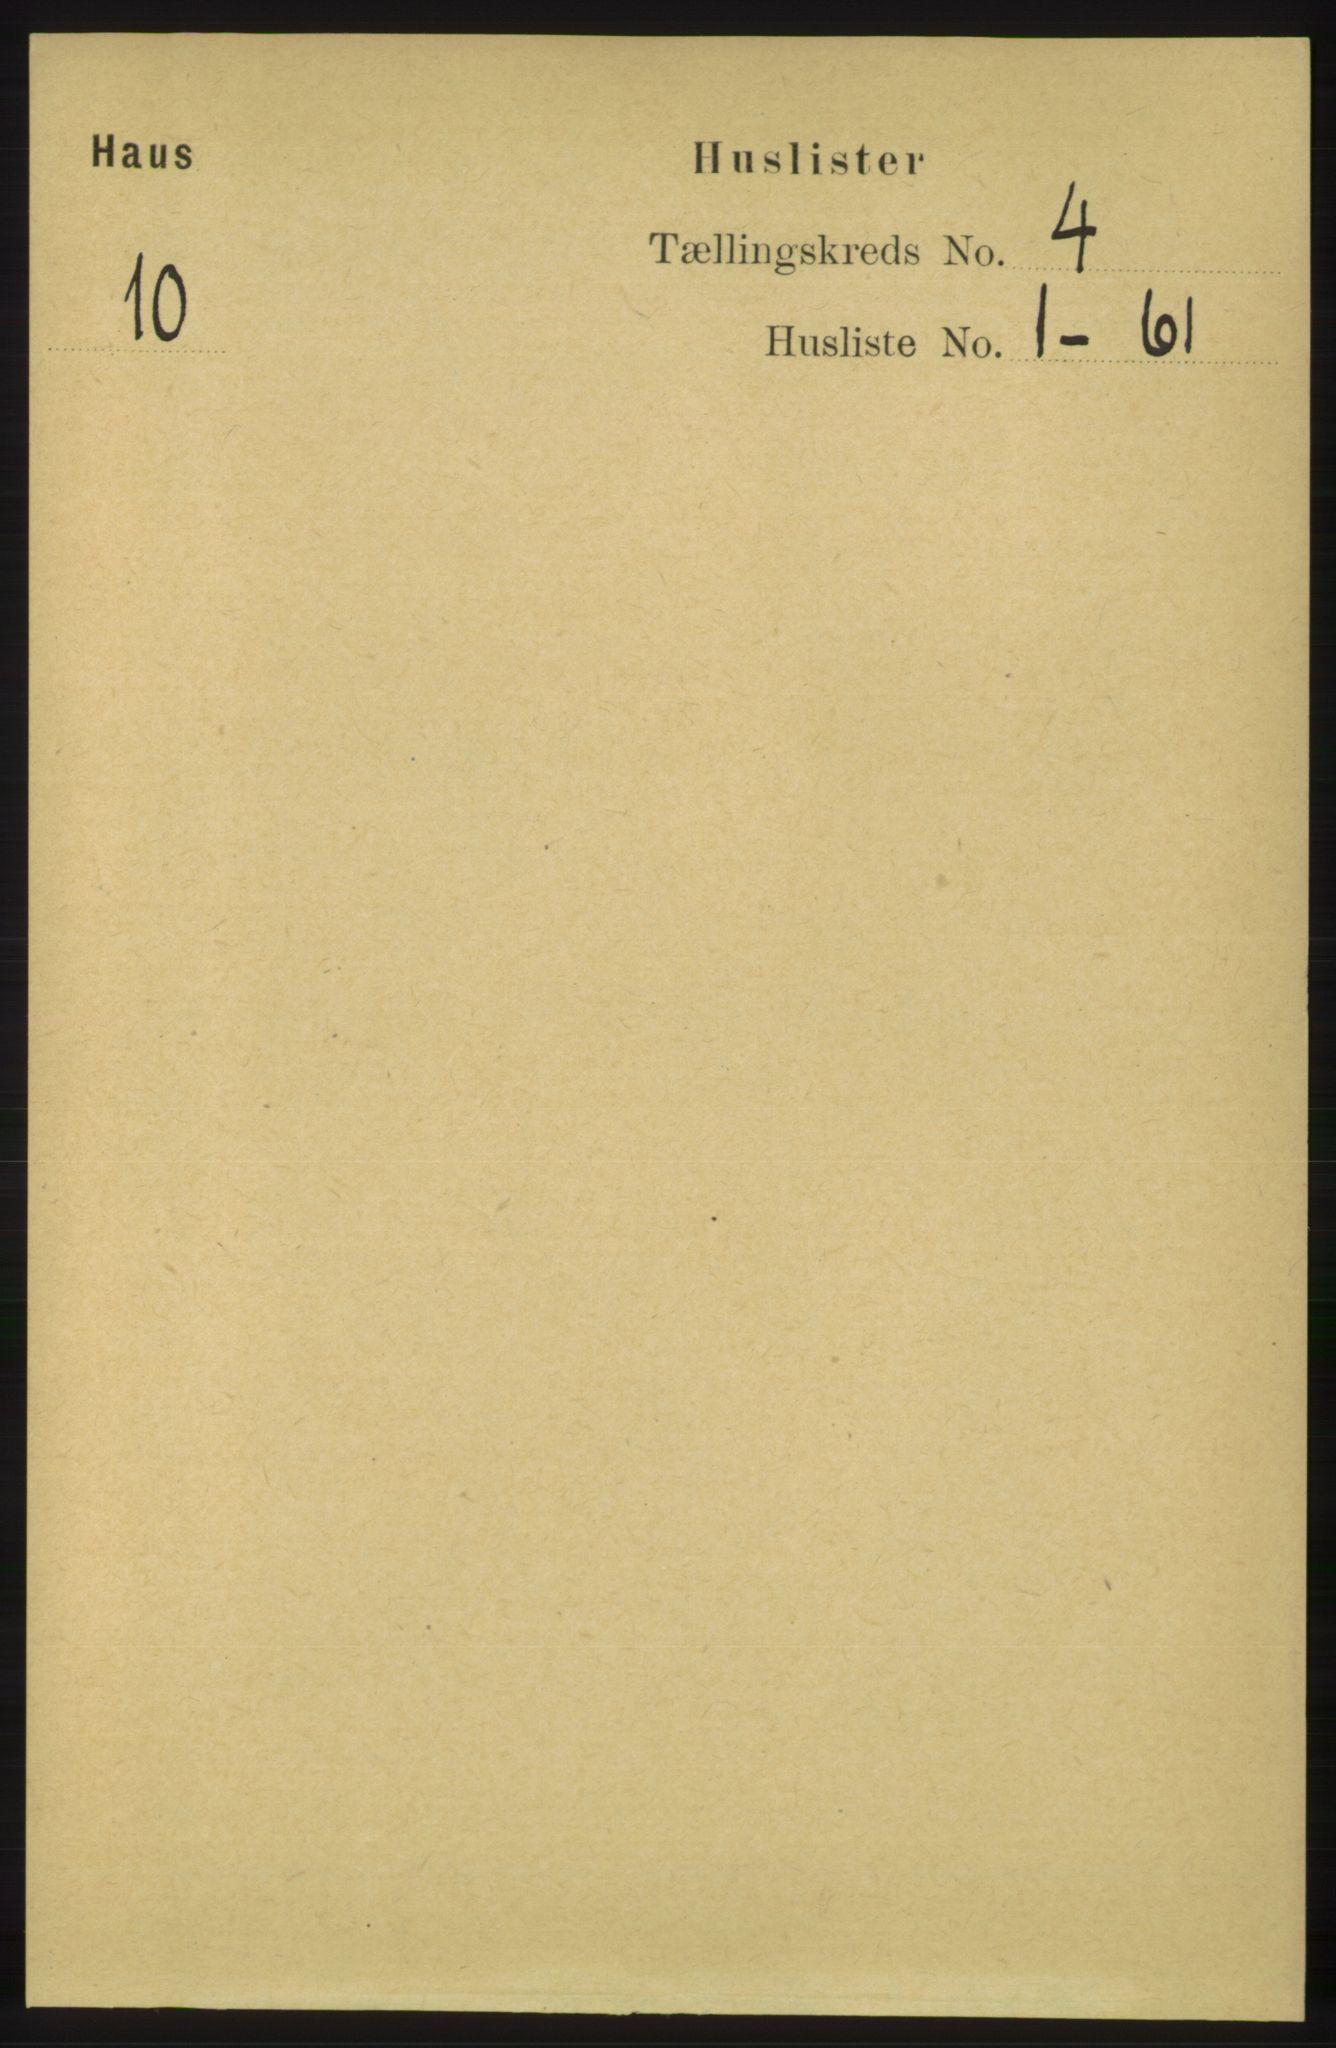 RA, Folketelling 1891 for 1250 Haus herred, 1891, s. 1341